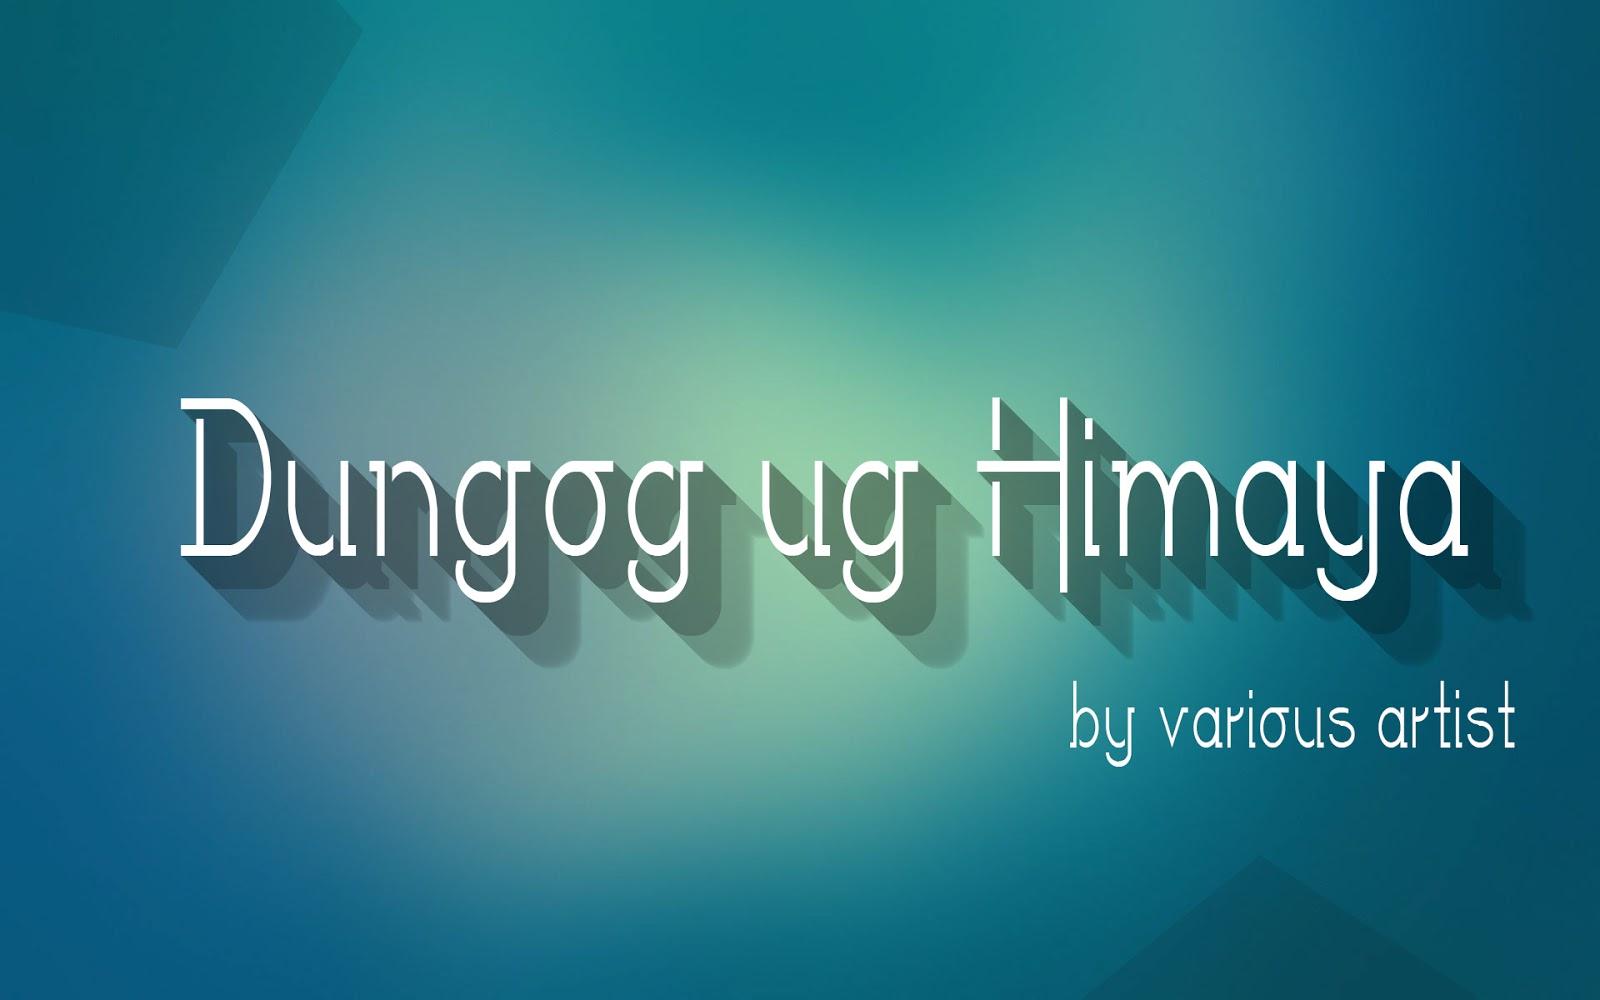 Ang gugma ko kanimo lyrics